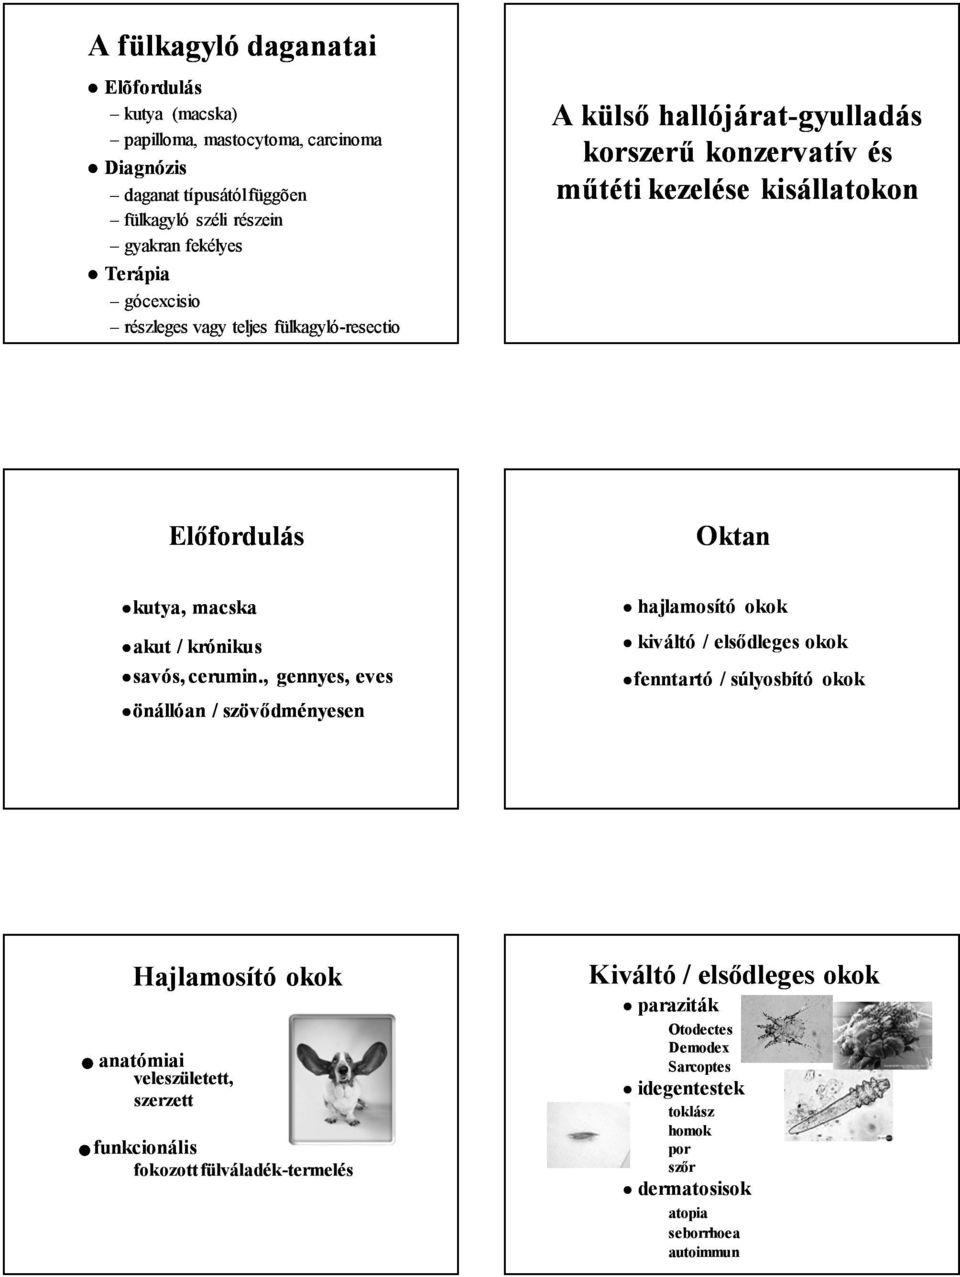 papillómák és paraziták, amely a kapcsolat